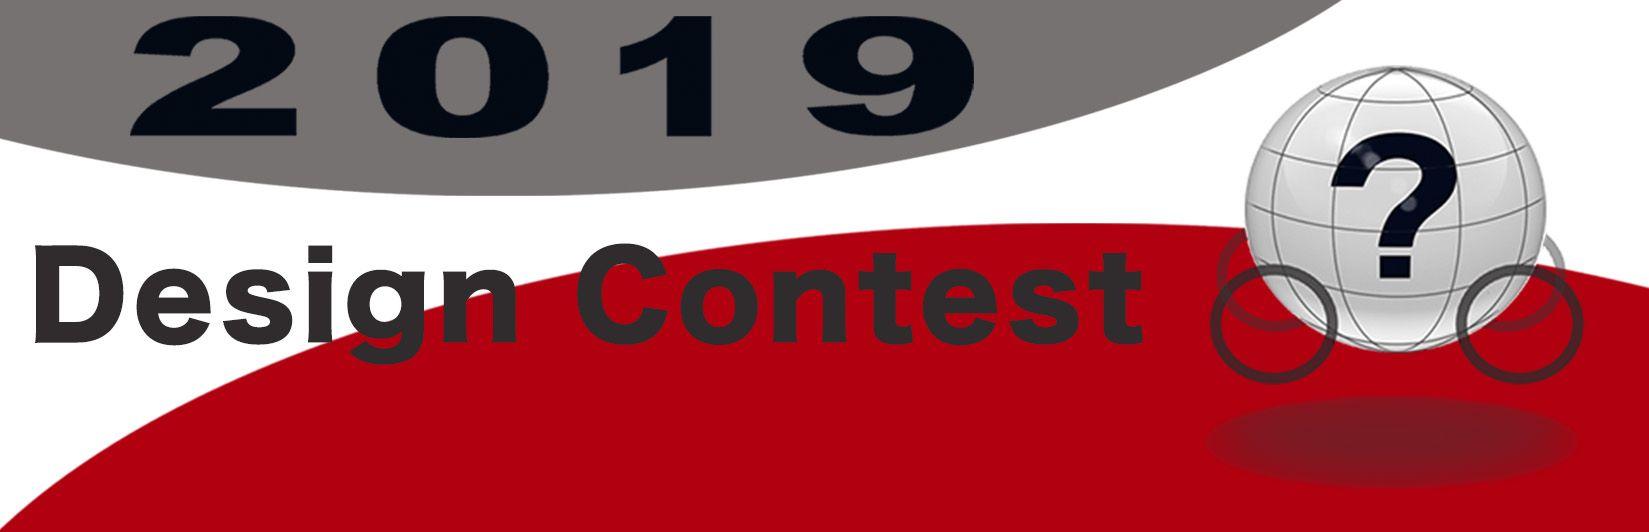 2019 EV design contest